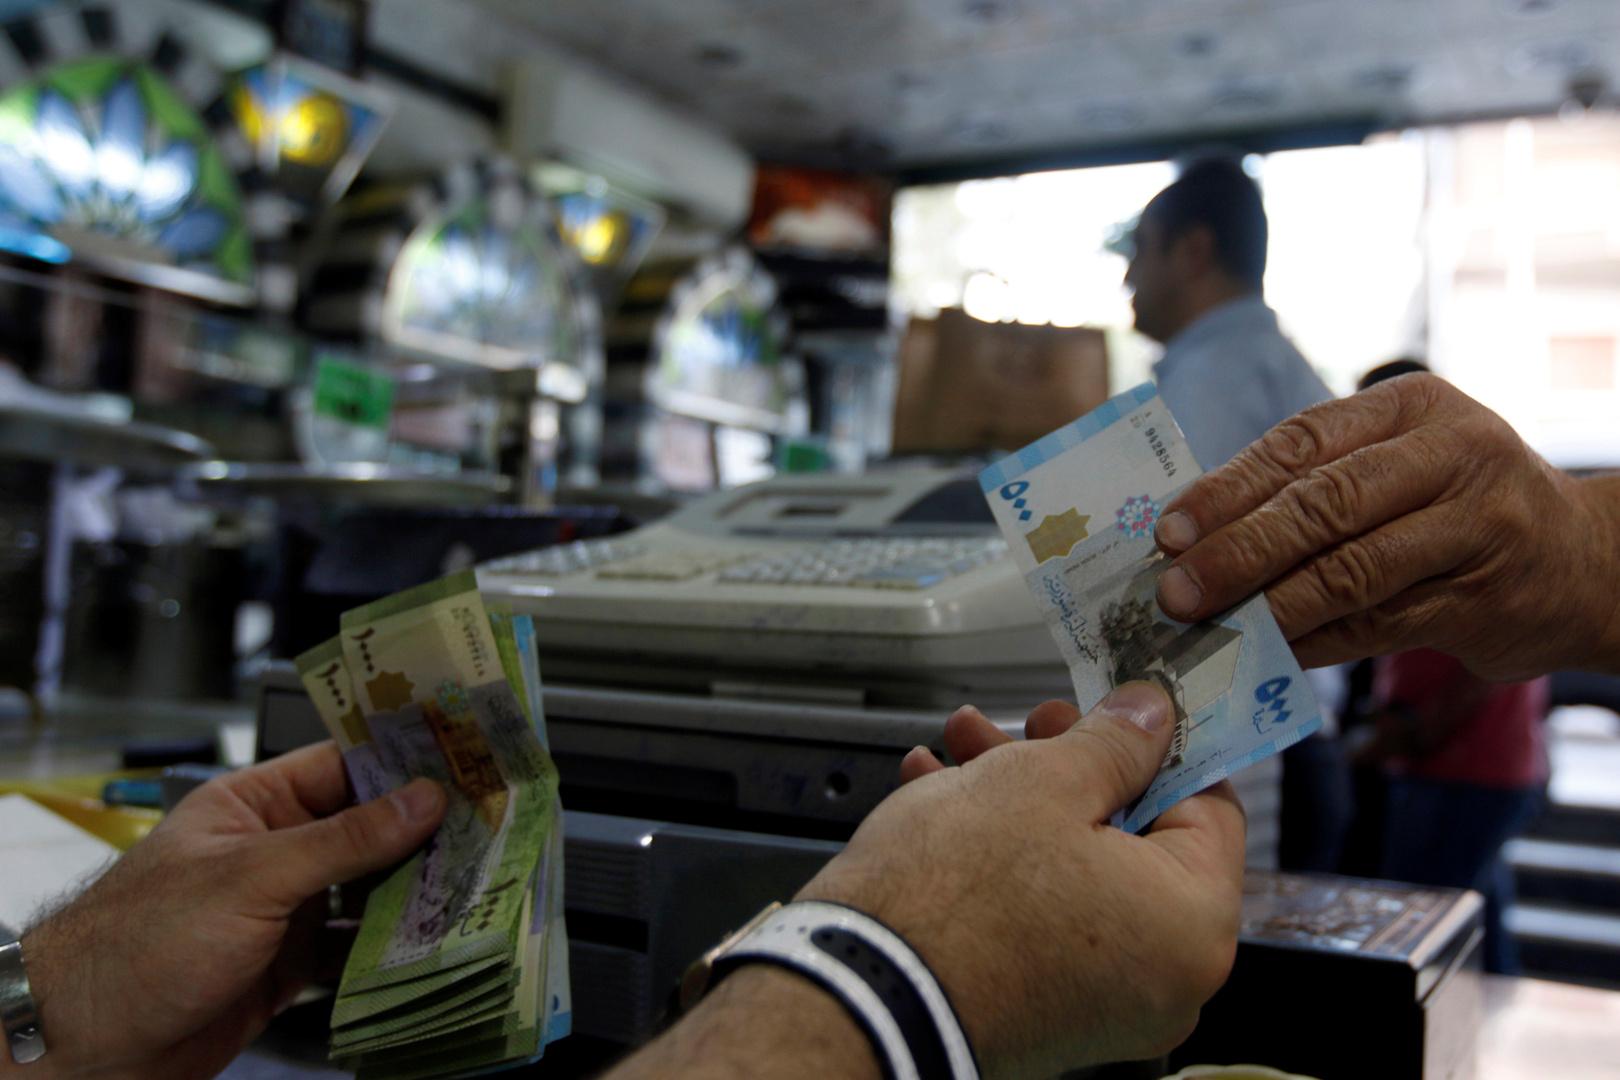 في سوريا كل يوم.. الحكومة تقترض 1.3 مليار ليرة والقطاع الخاص 2.3 مليار ليرة